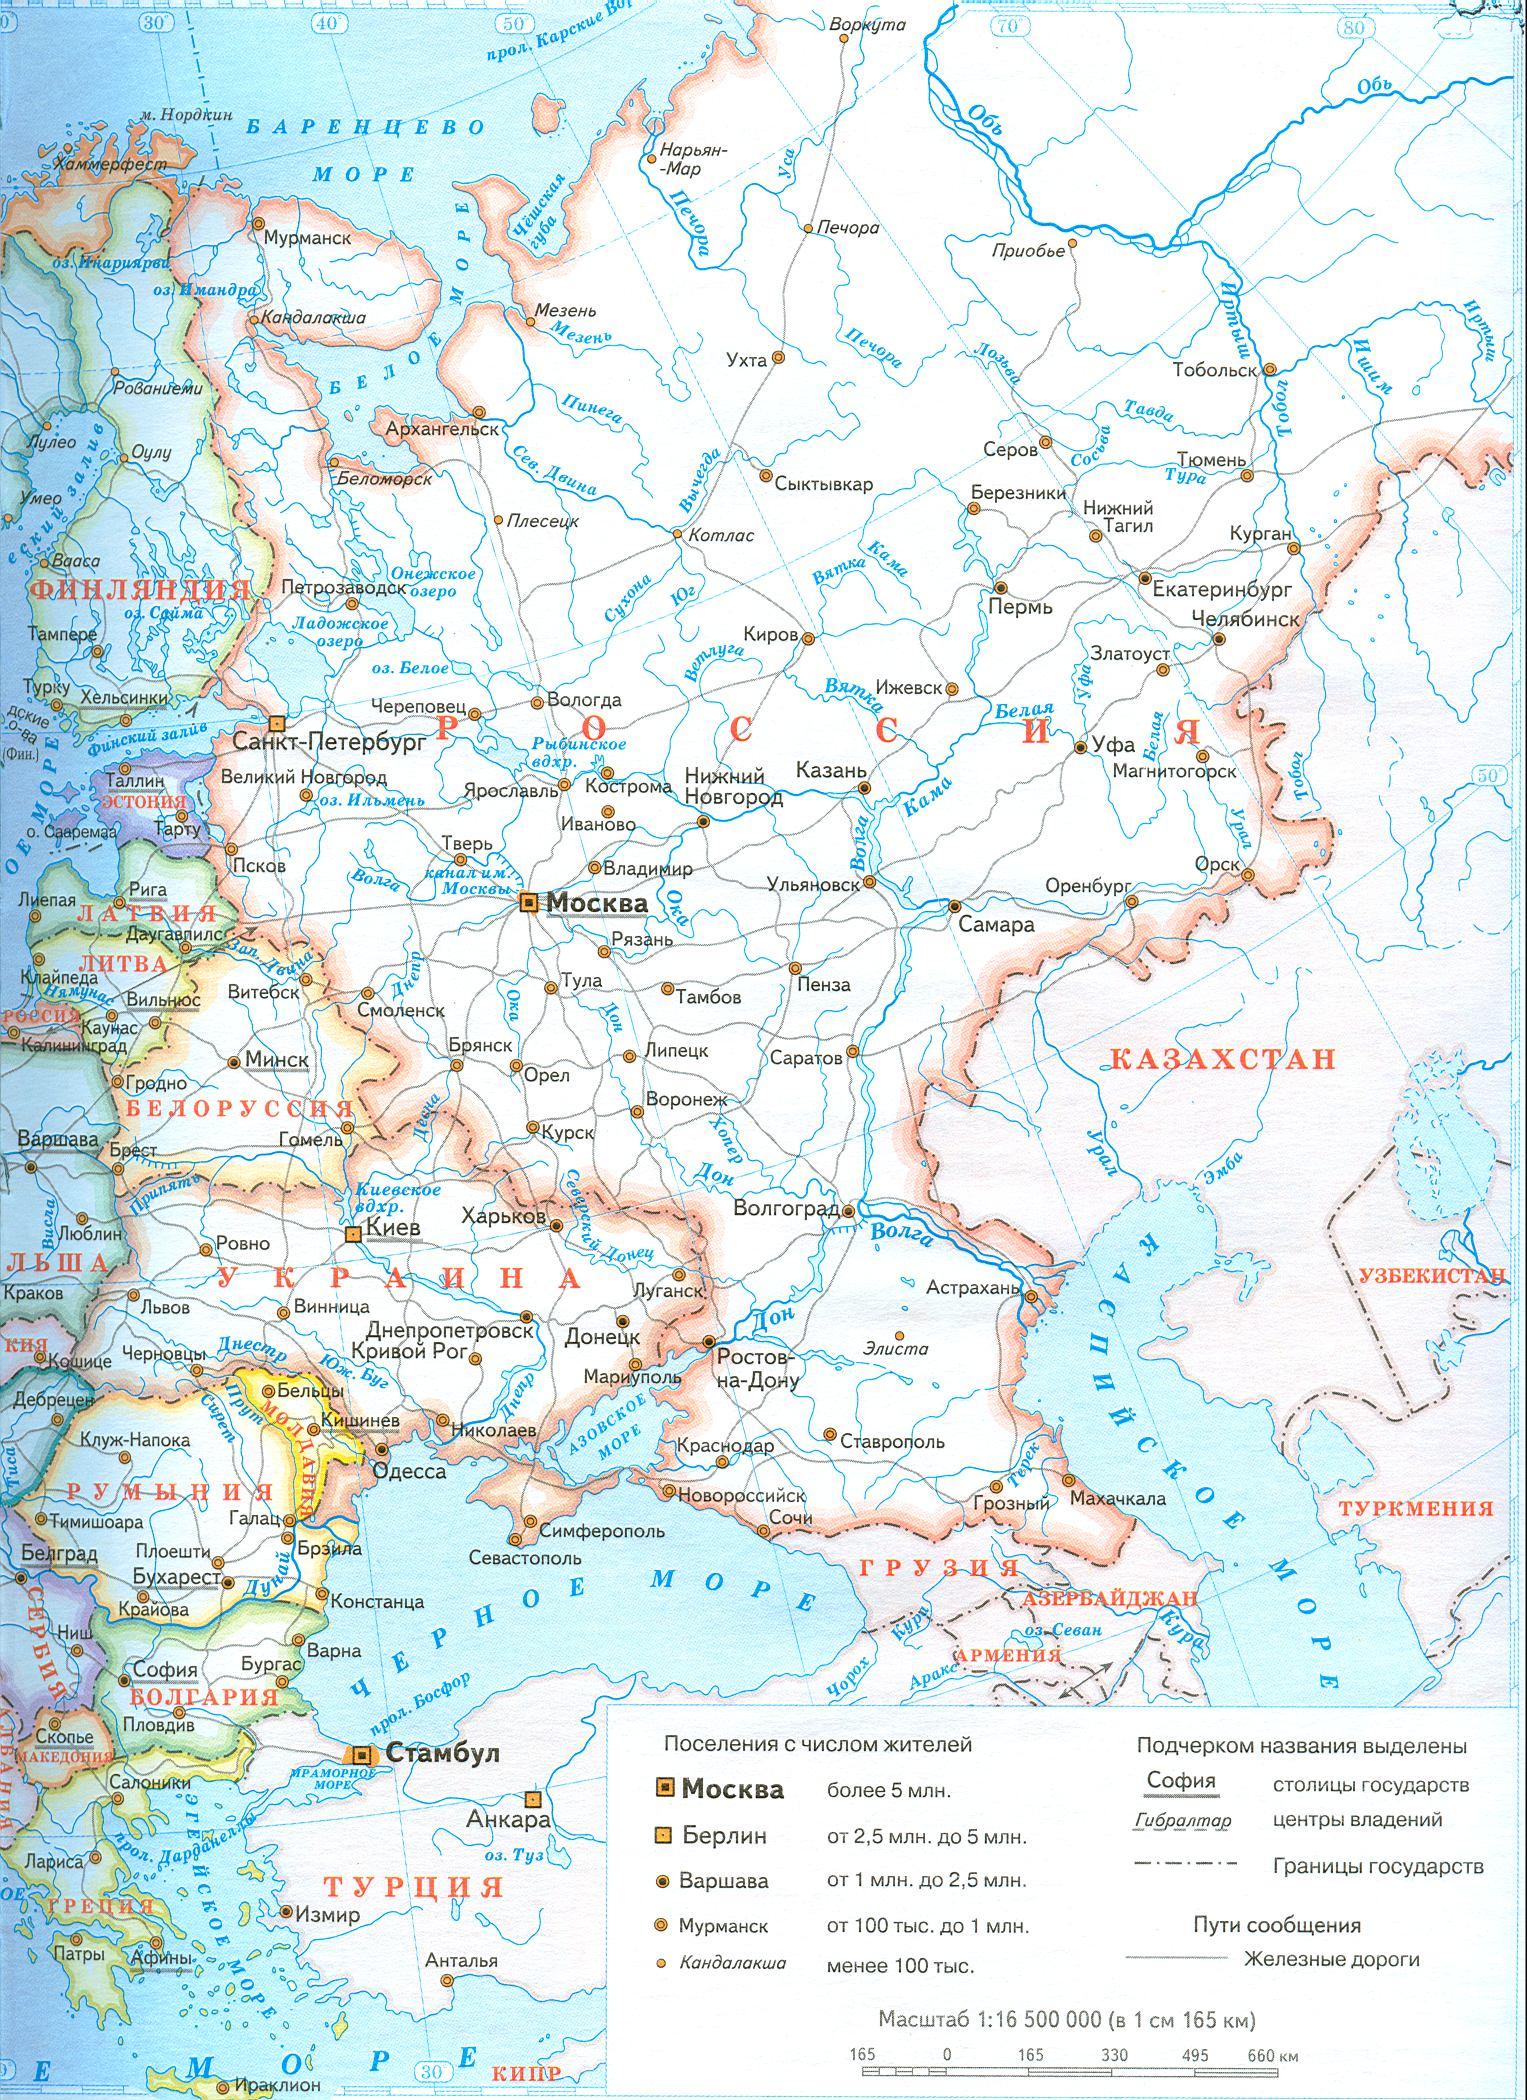 Карта европы масштаба 1см 165км